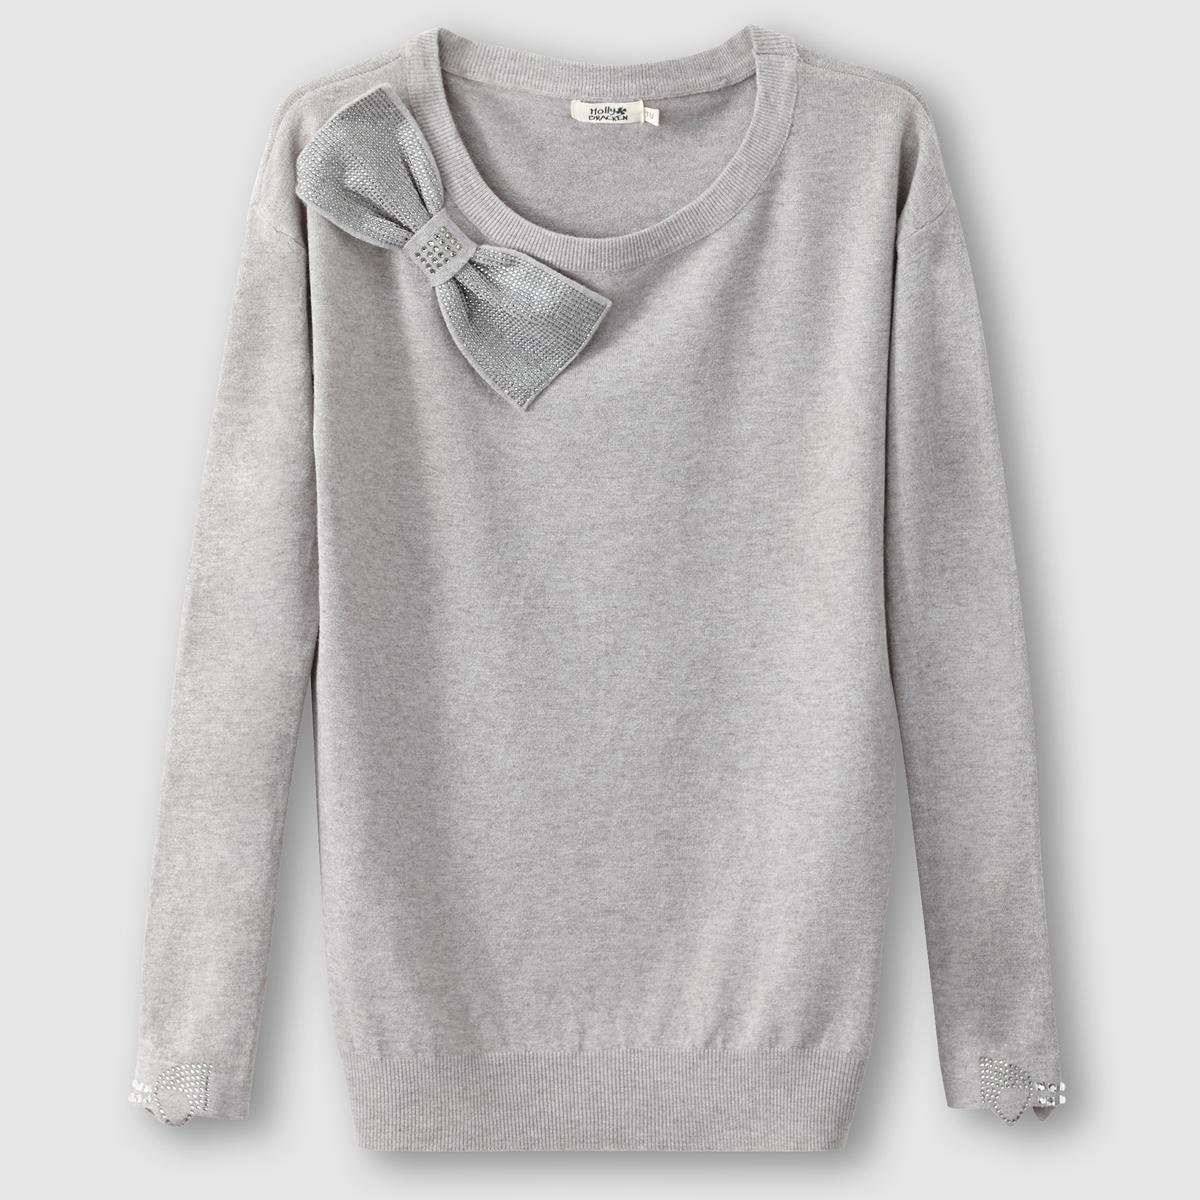 Пуловер с круглым вырезом и оригинальным рисункомПуловер с длинными рукавами   MOLLY BRACKEN . Пуловер комфортного прямого покроя. Круглый вырез. Оригинальный орисунок на плече .Состав и описание :Материал : 55% растительных волокон, 45% полиэстера Марка : MOLLY BRACKEN.<br><br>Цвет: серый<br>Размер: единый размер